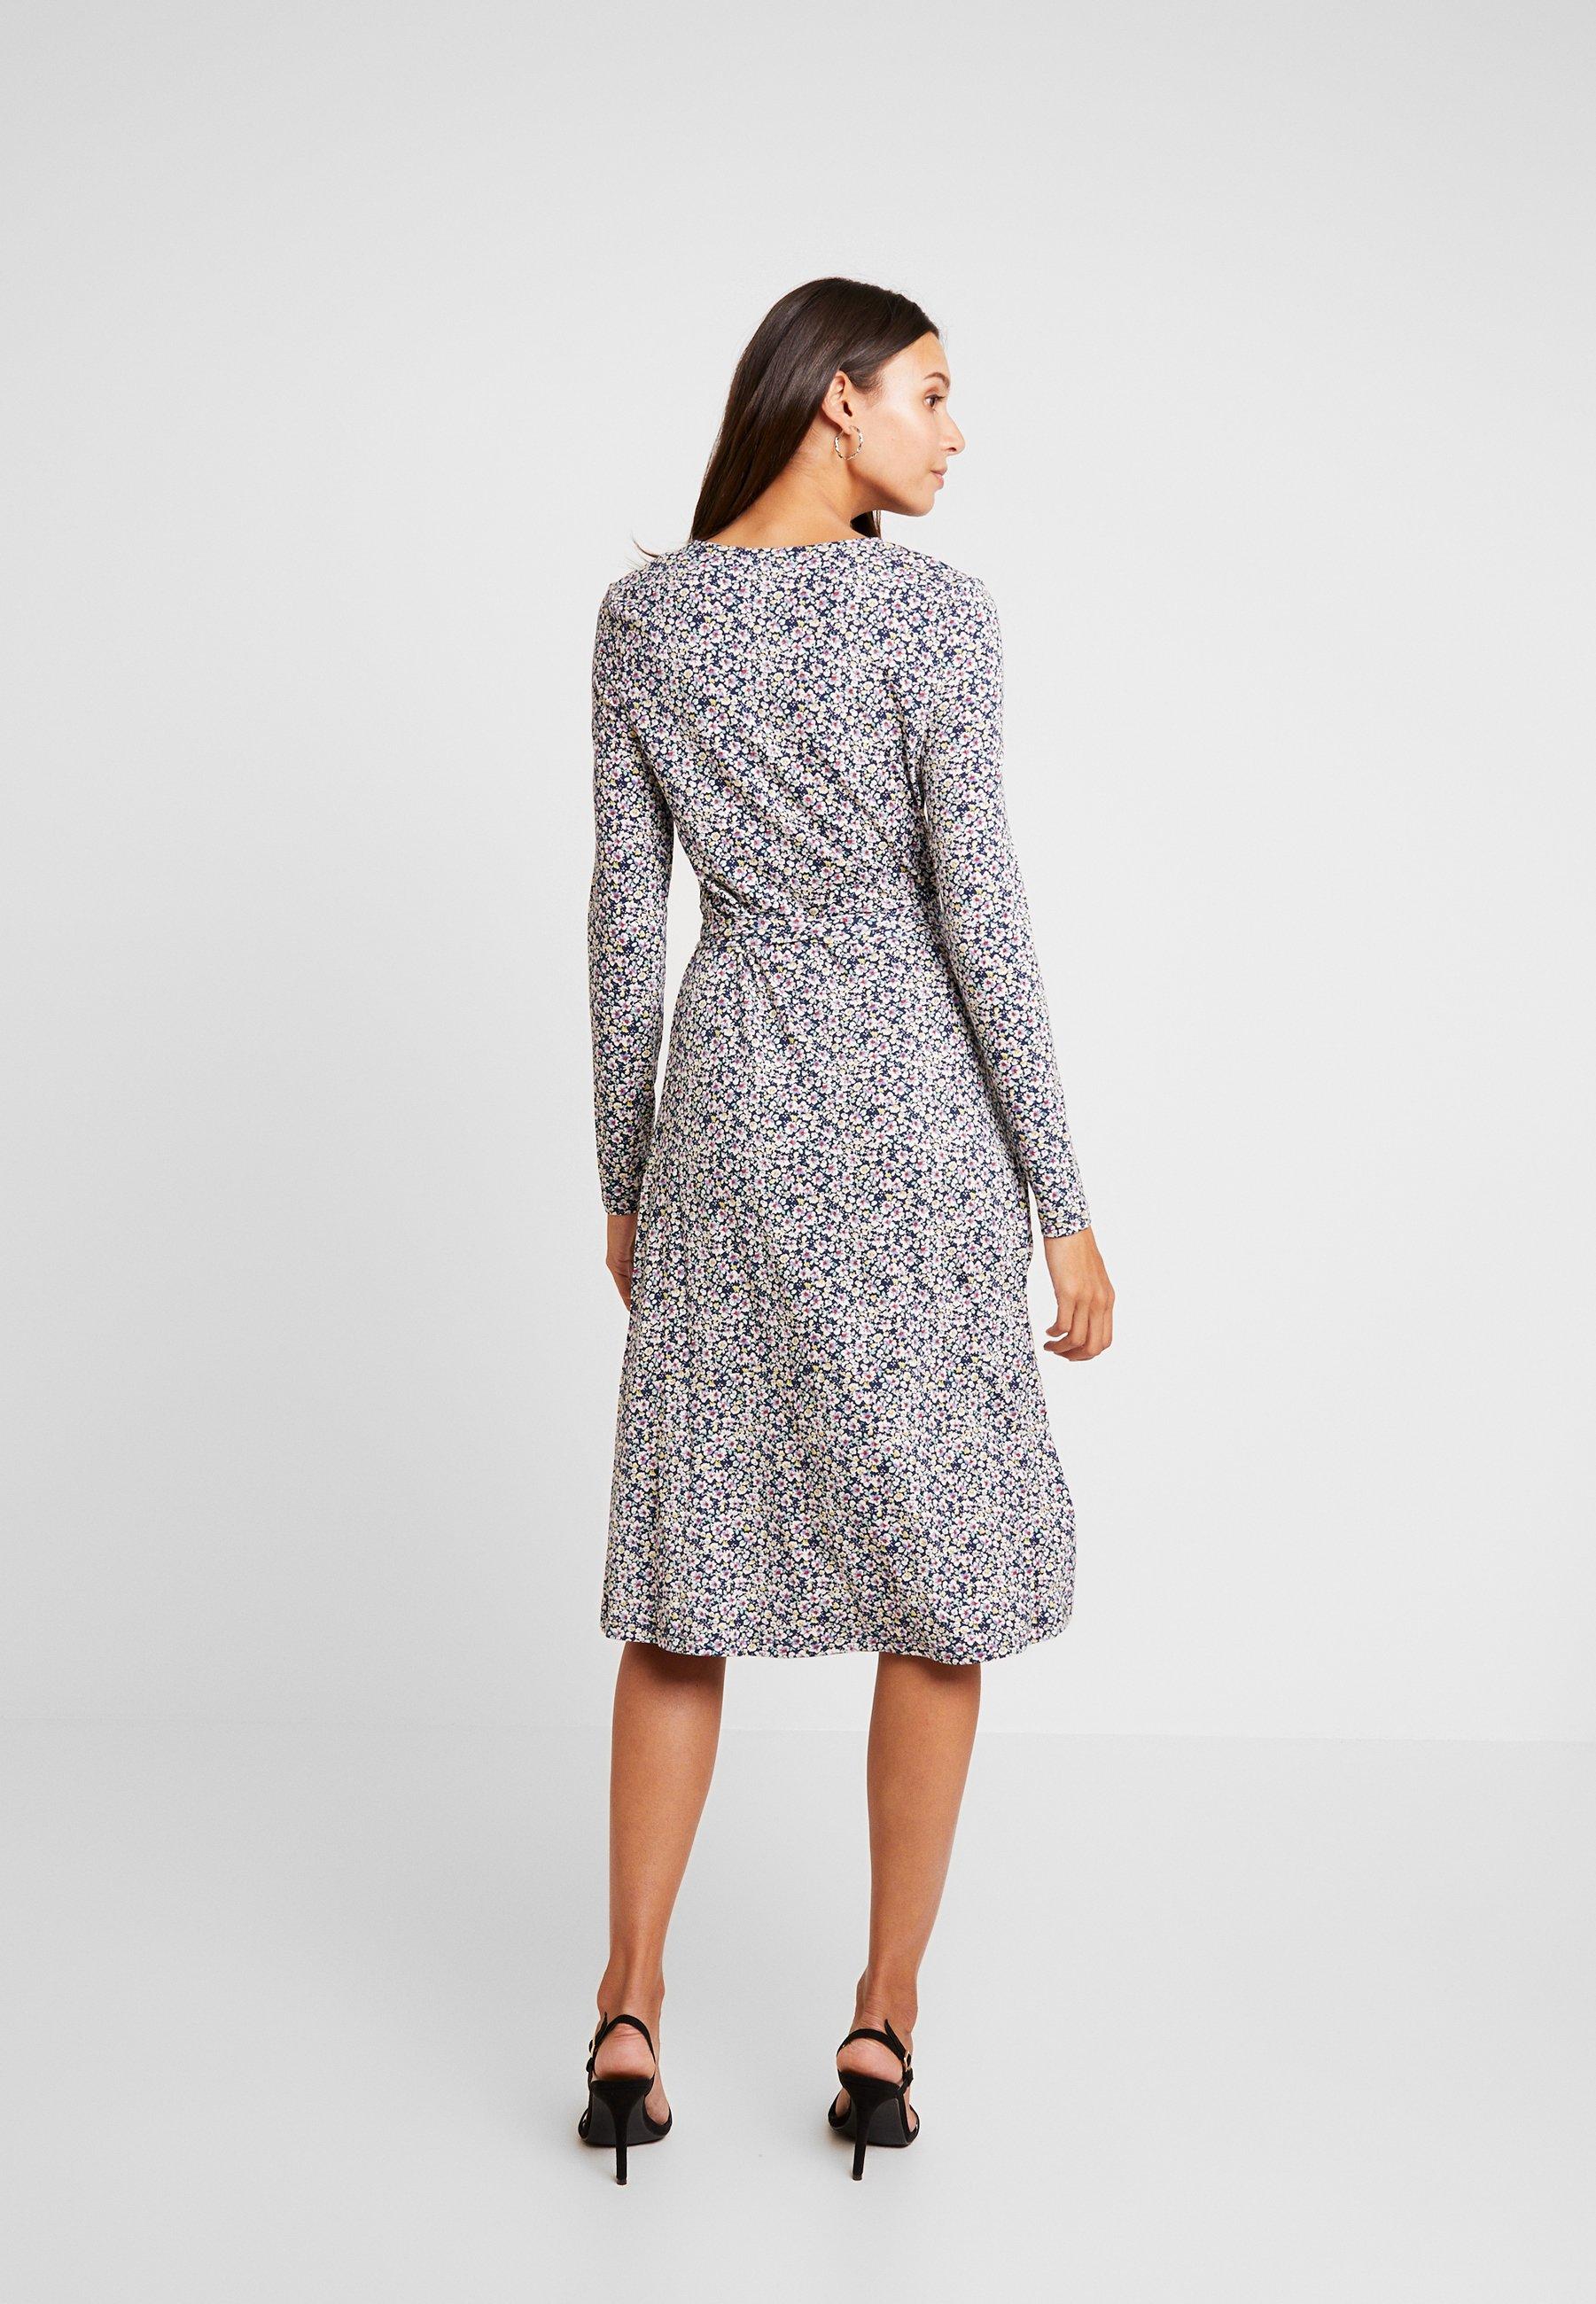 coloured Jersey Soaked Wrap Multi Luxury DressRobe In En R3Lc4Aq5jS